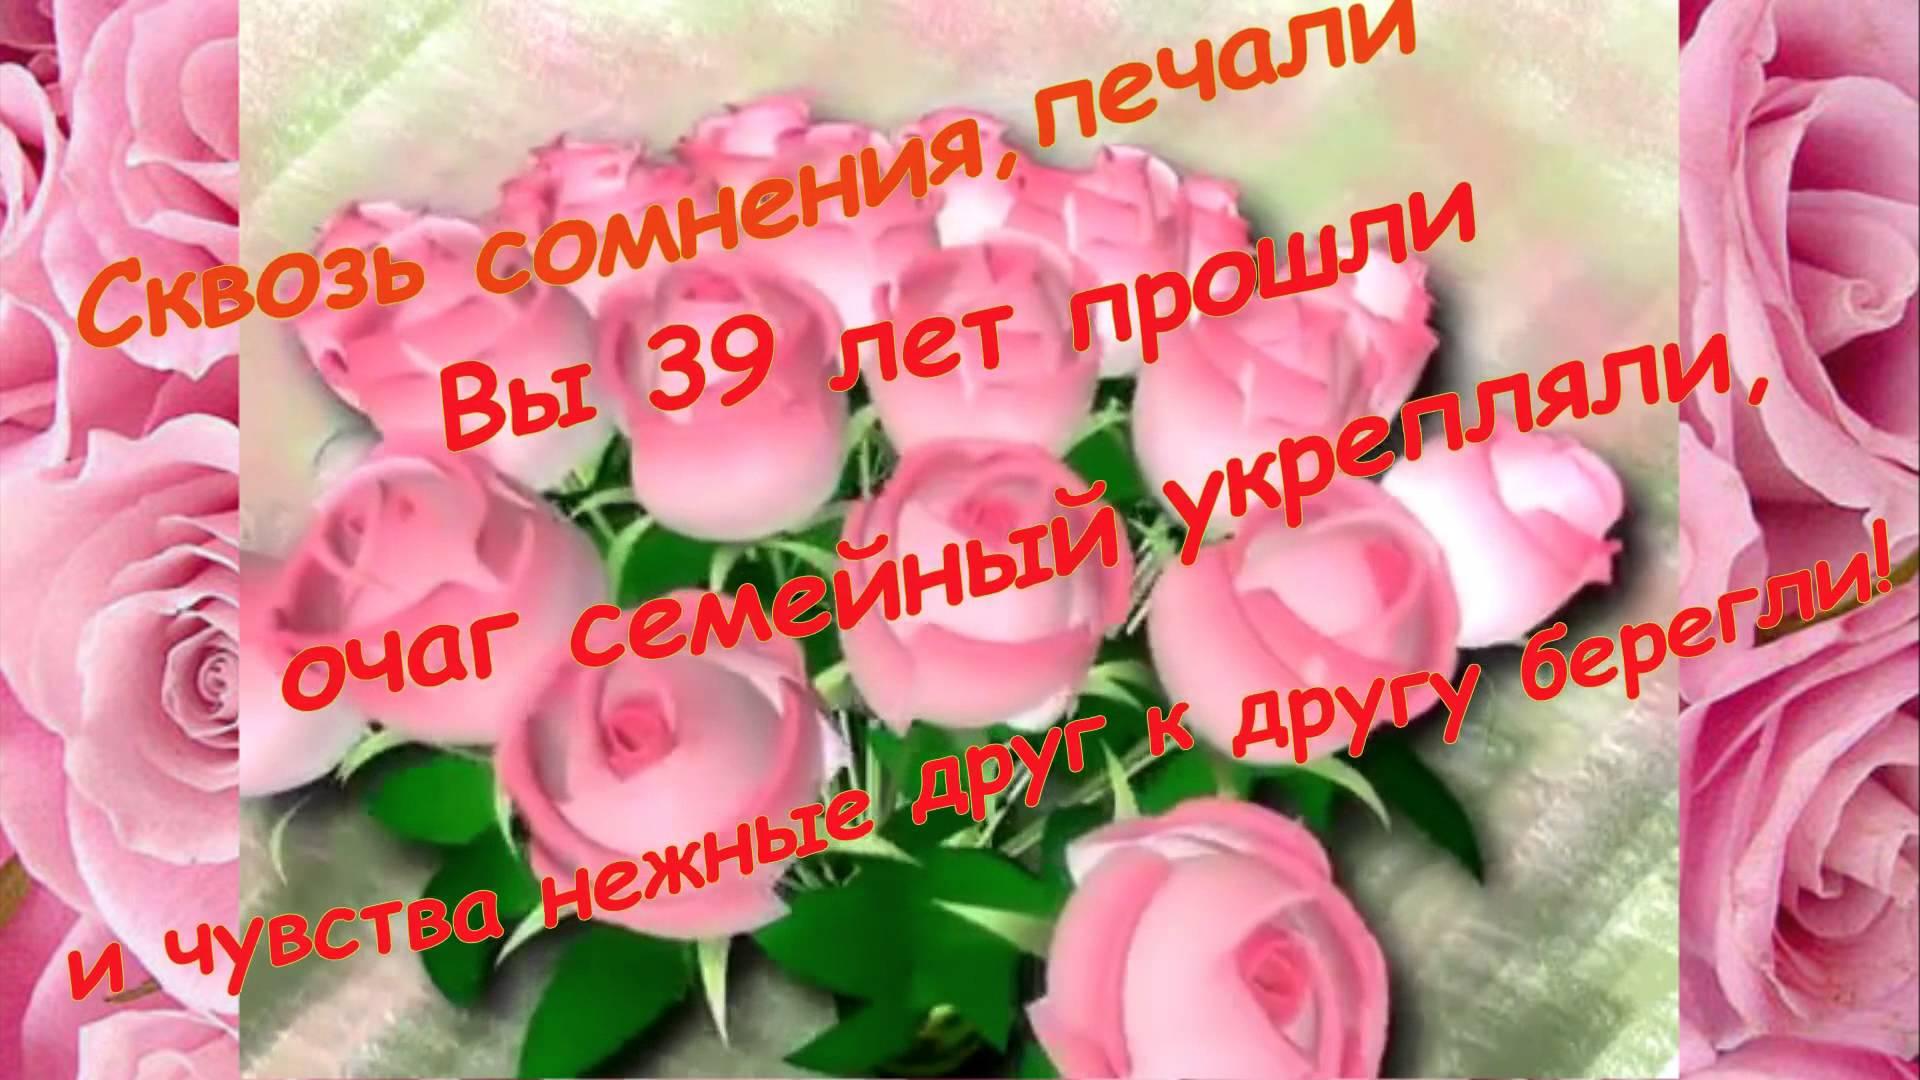 Поздравление на дне свадьбы 39 лет